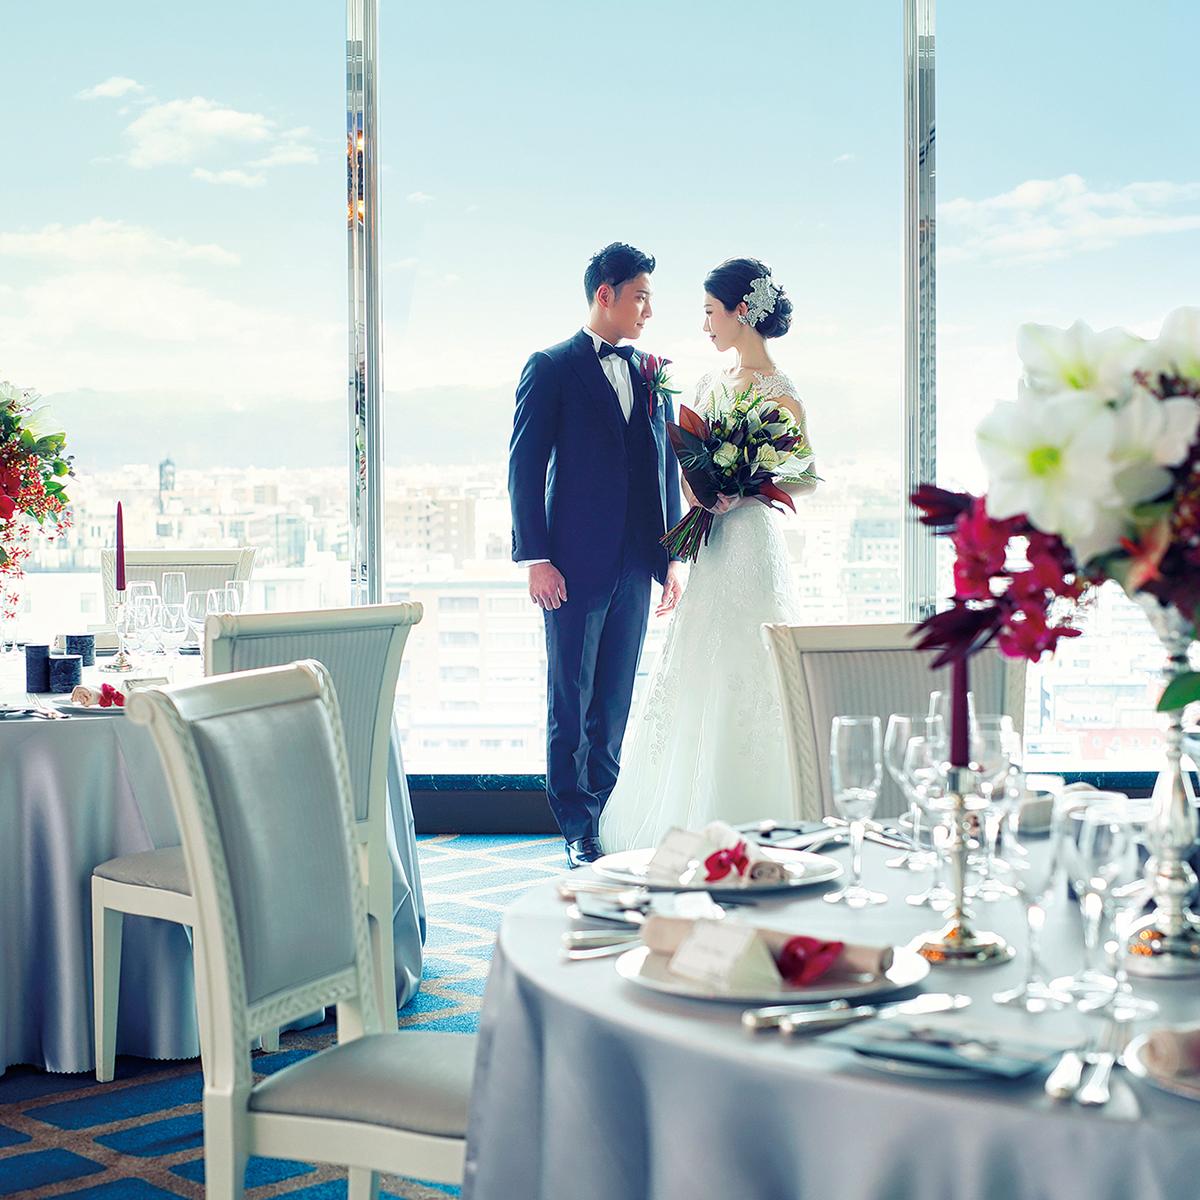 結婚式に向けて♪当日までのスケジュールについて【その2】新着情報イメージ3